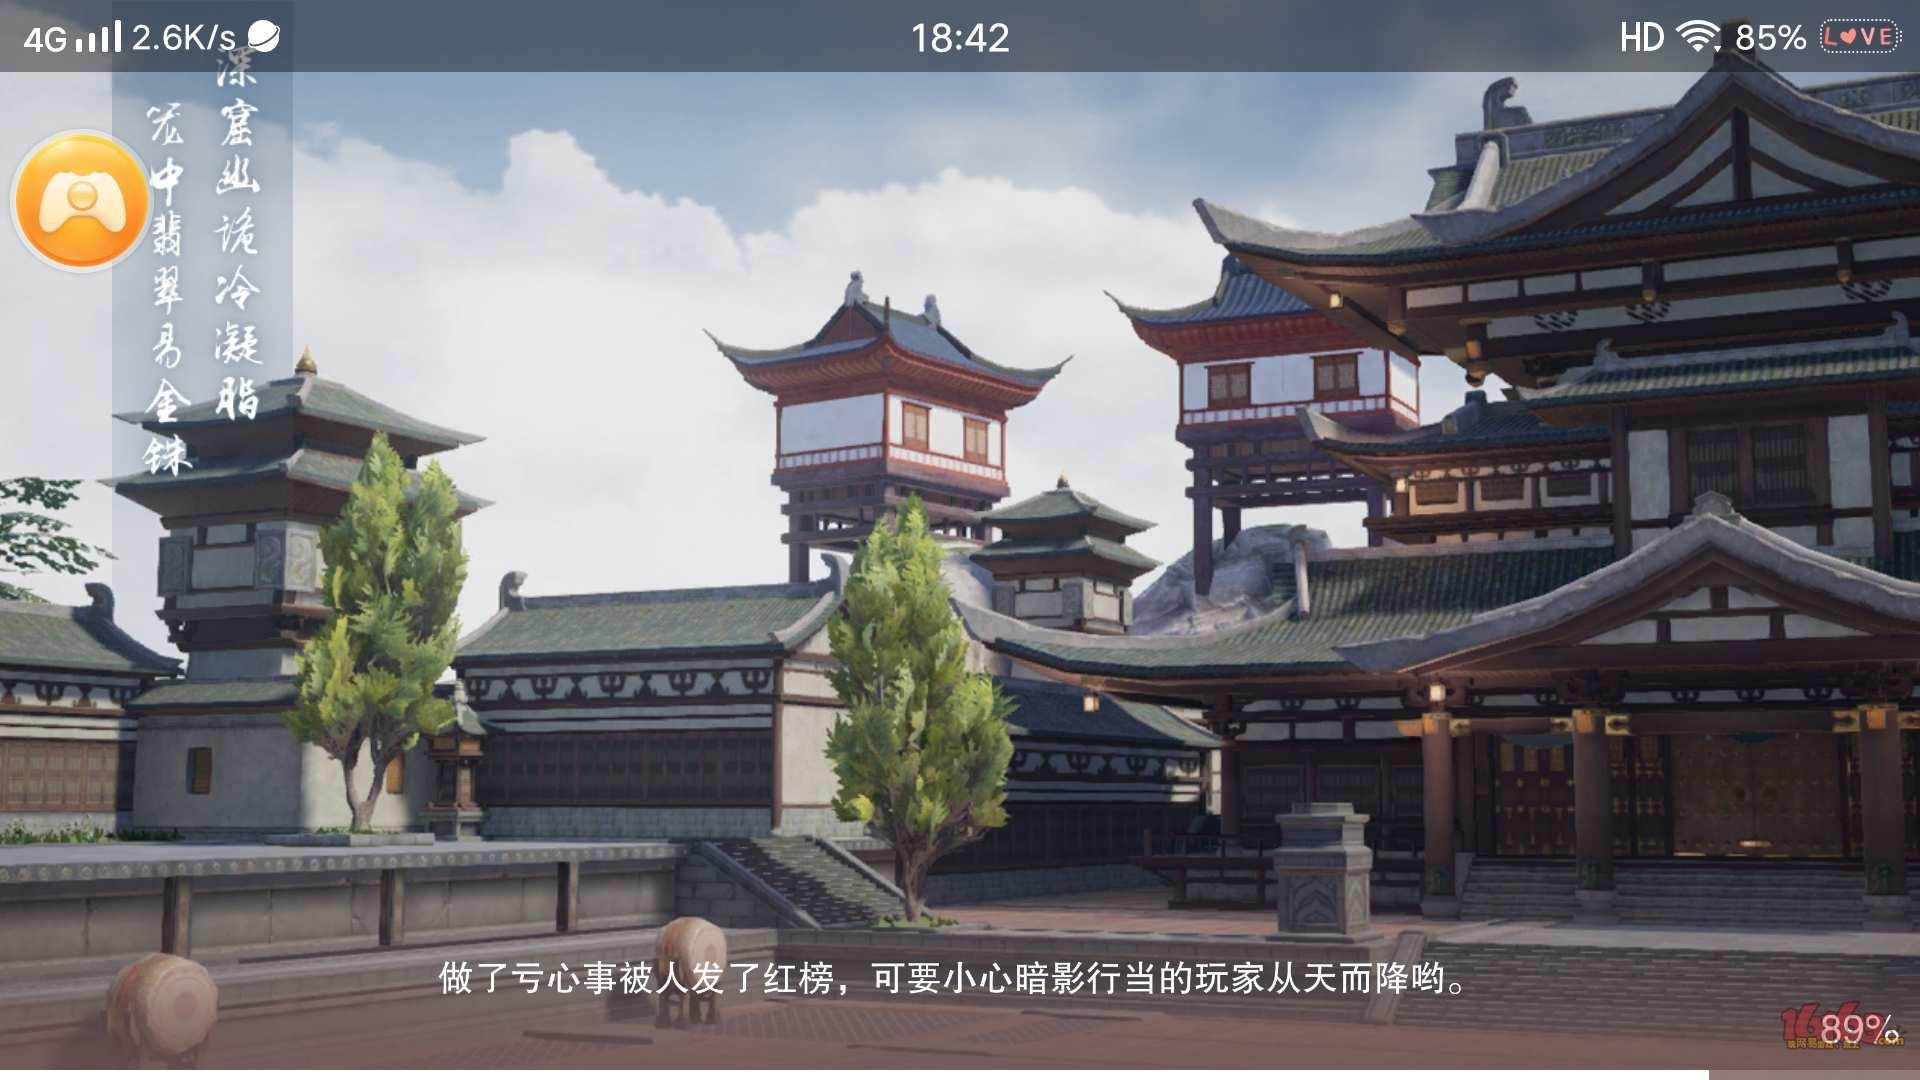 Screenshot_20190118_184224.jpg